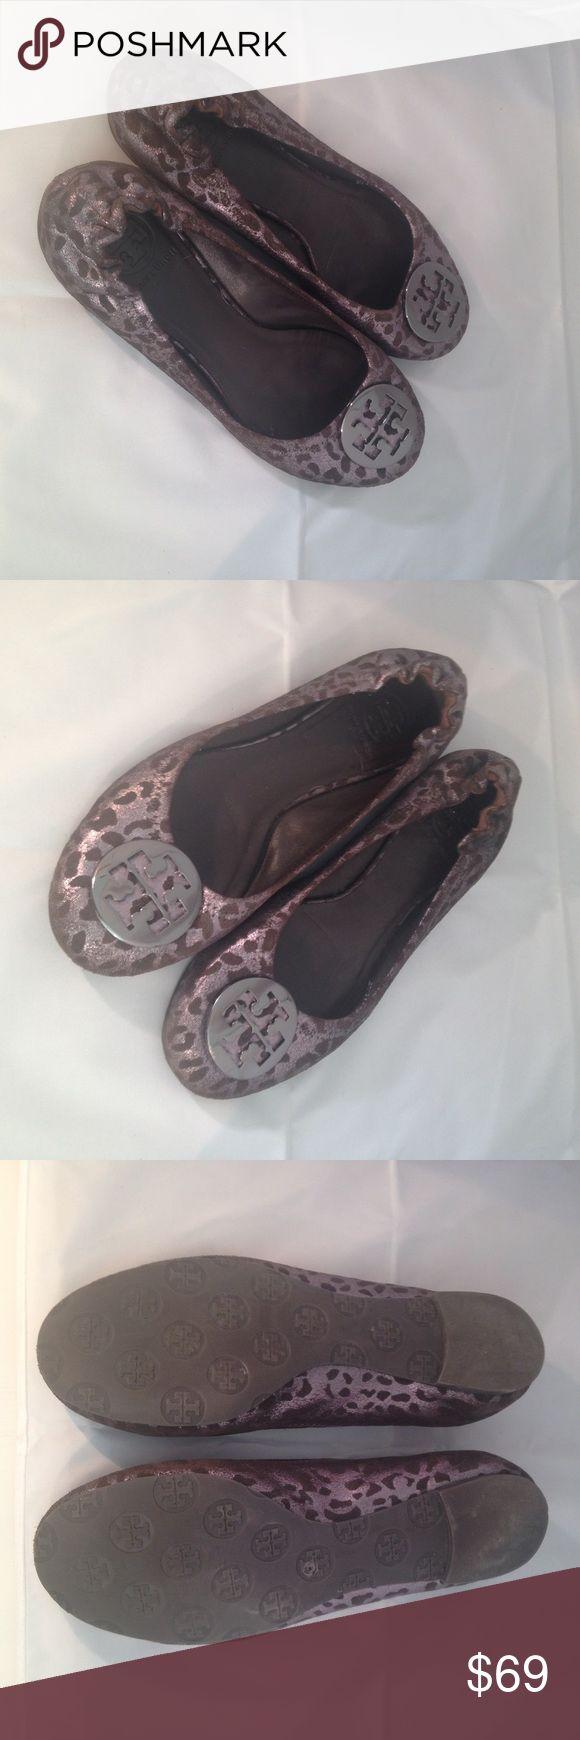 Tory Burch Metallic Ballet Flats Tory Burch Metallic Ballet Flats with pattern Tory Burch Shoes Flats & Loafers